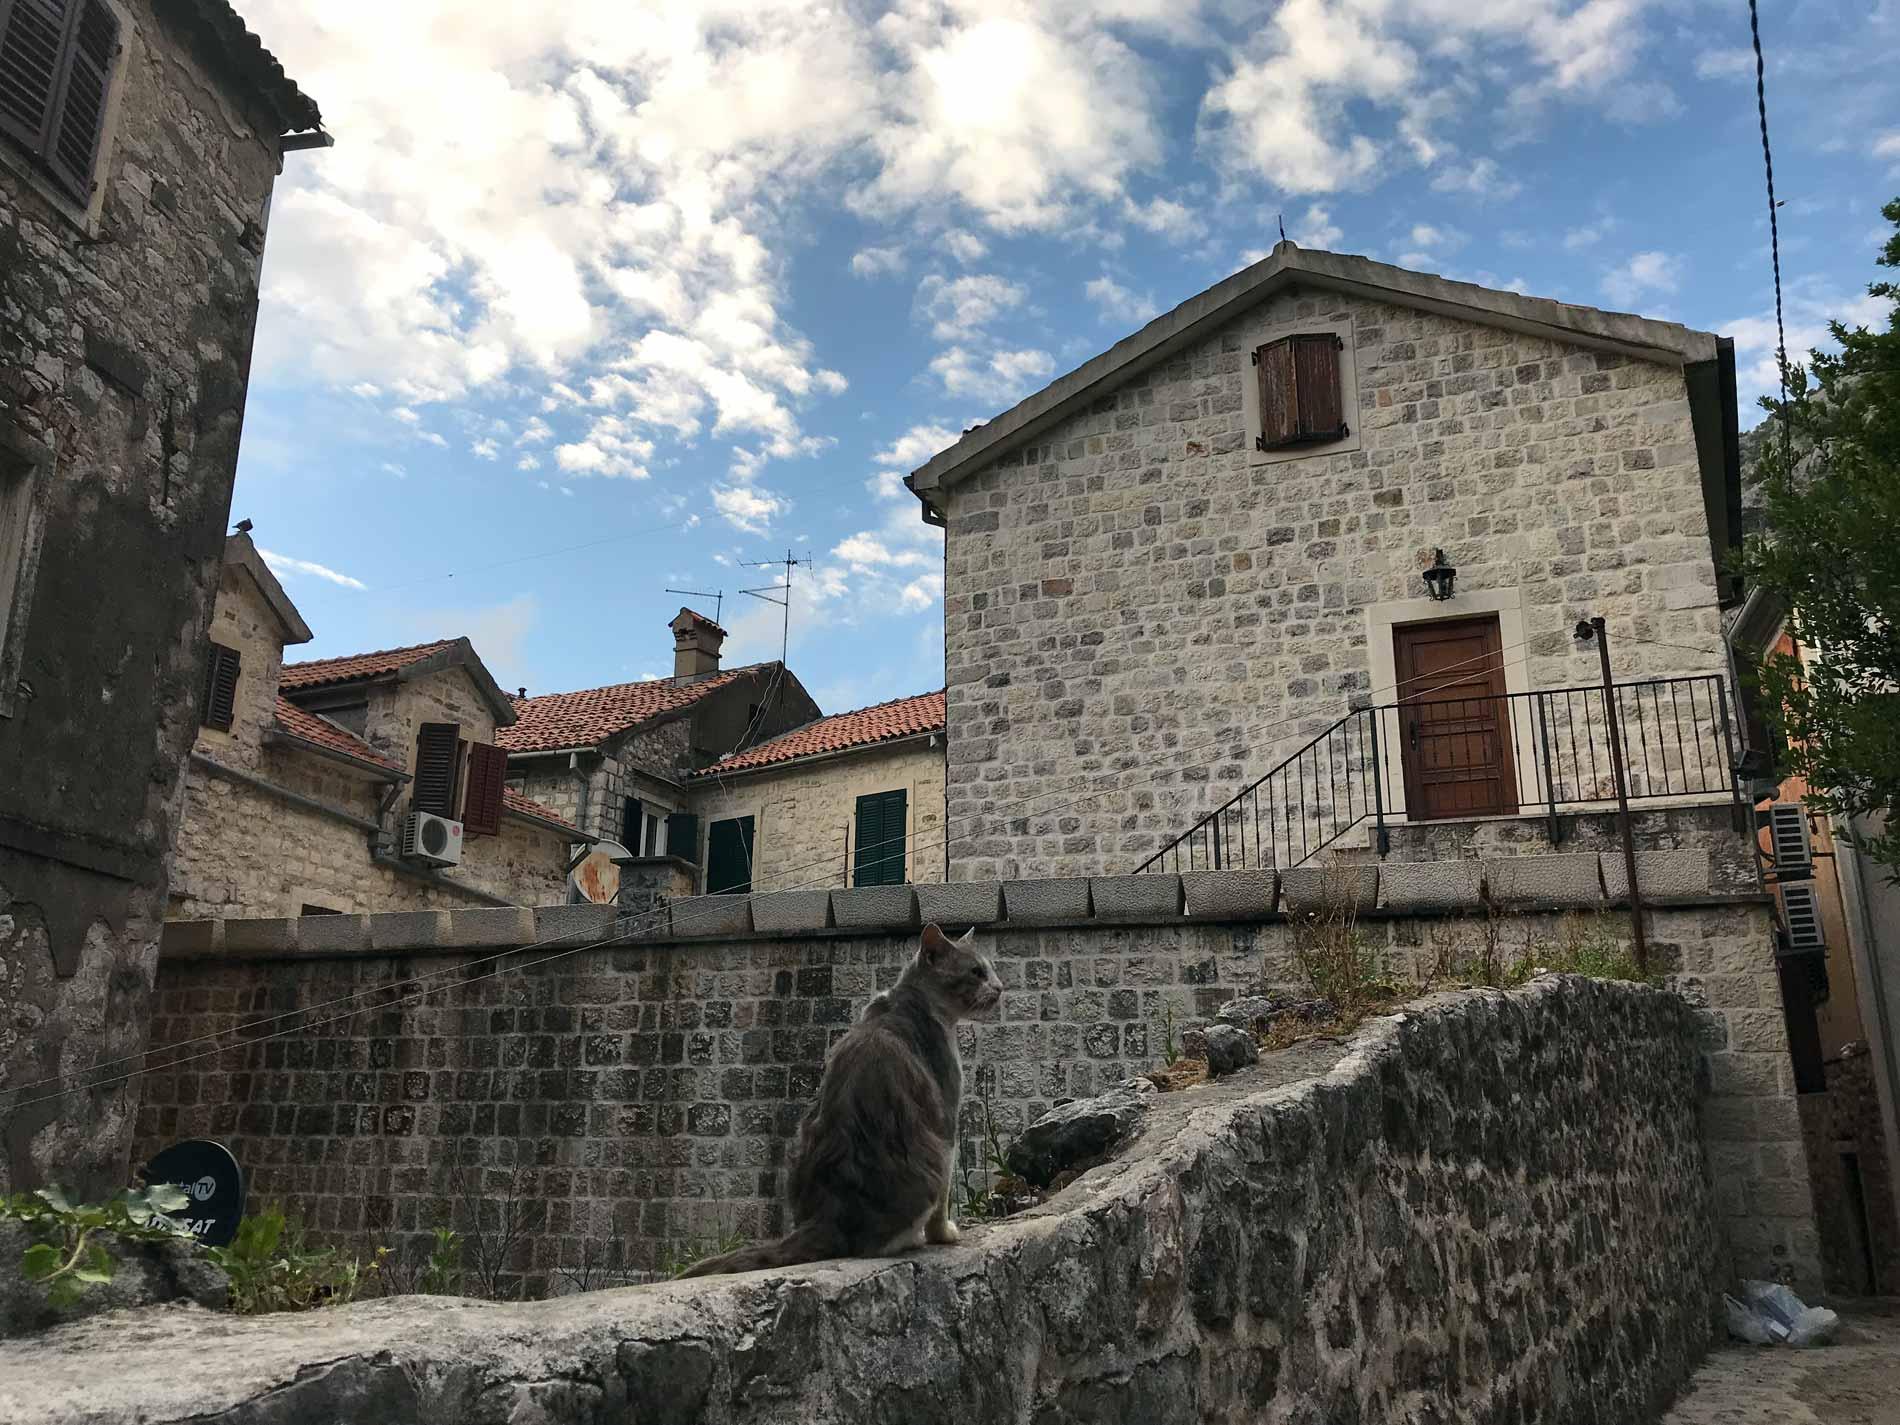 Kotor-Montenegro-via-Ulica-2-muro-decrepito-gatto-casa-cielo